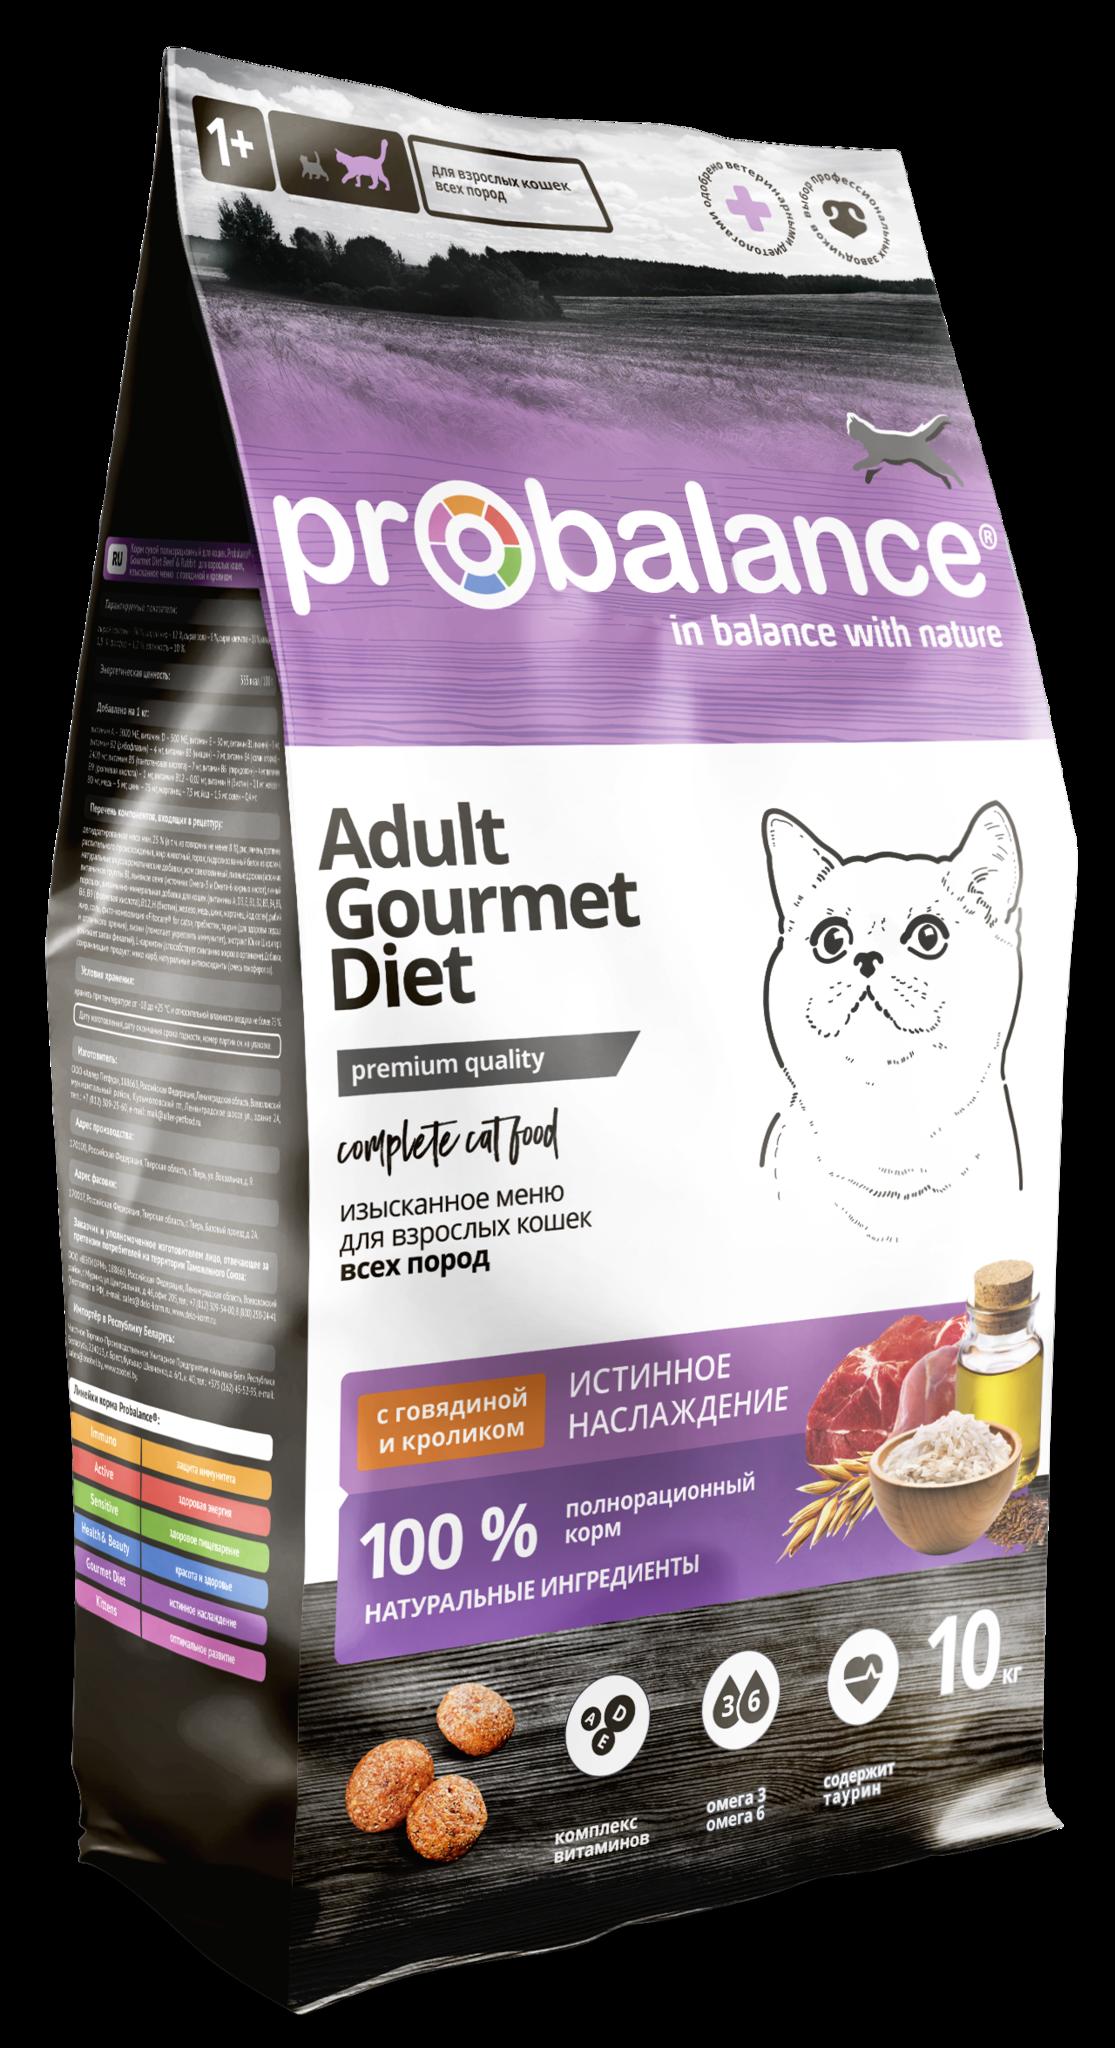 Сухой корм Корм ProBalance Gourmet Diet для взрослых кошек с говядиной и кроликом 10_PB_cat_GD_Beef_Rabbit_10.png